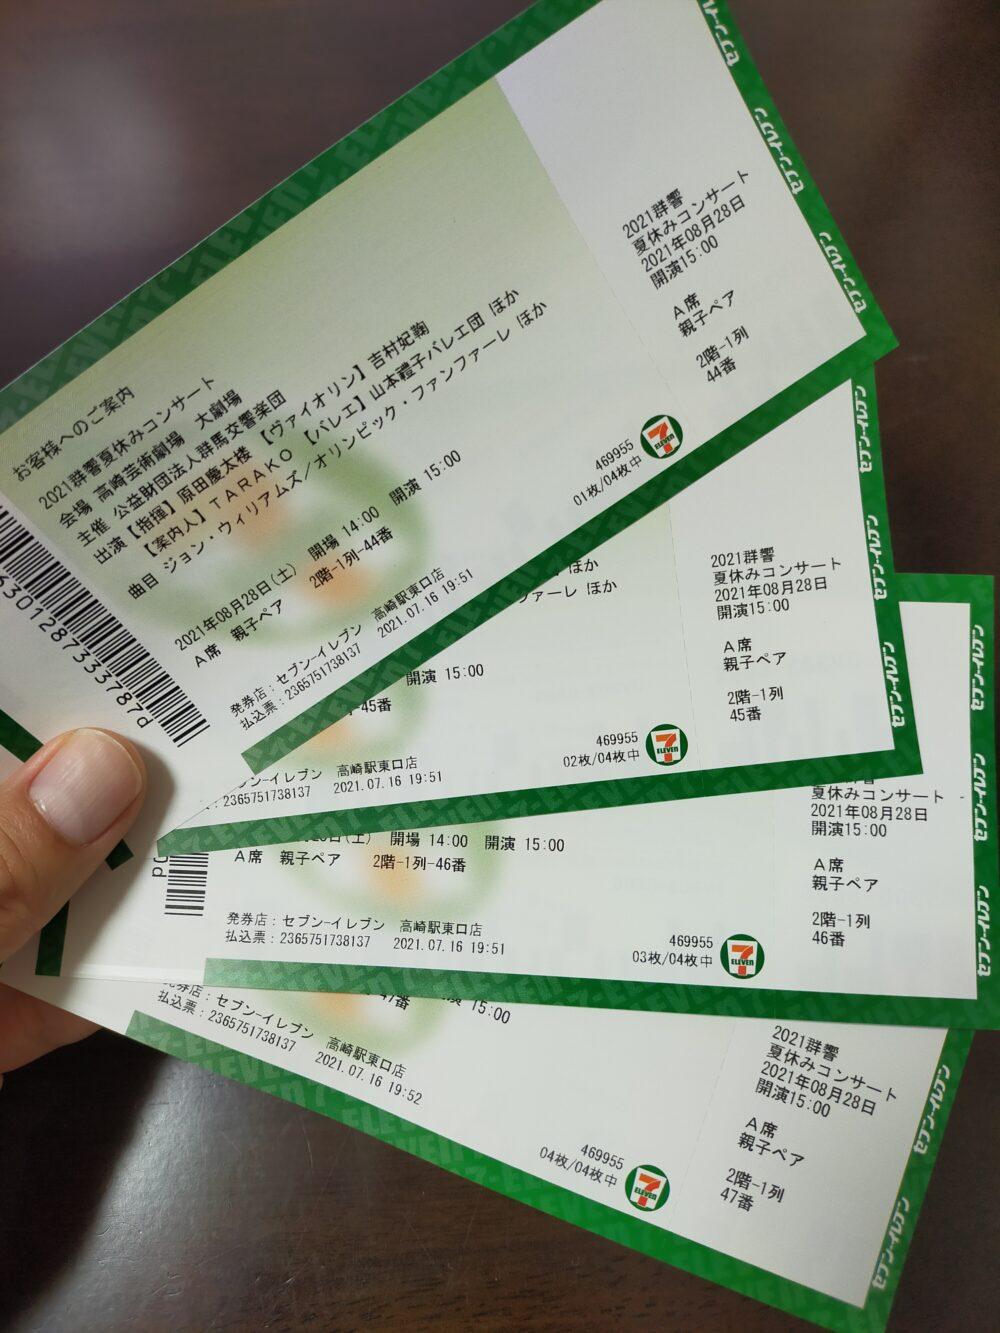 高崎芸術劇場の夏休みコンサートチケット